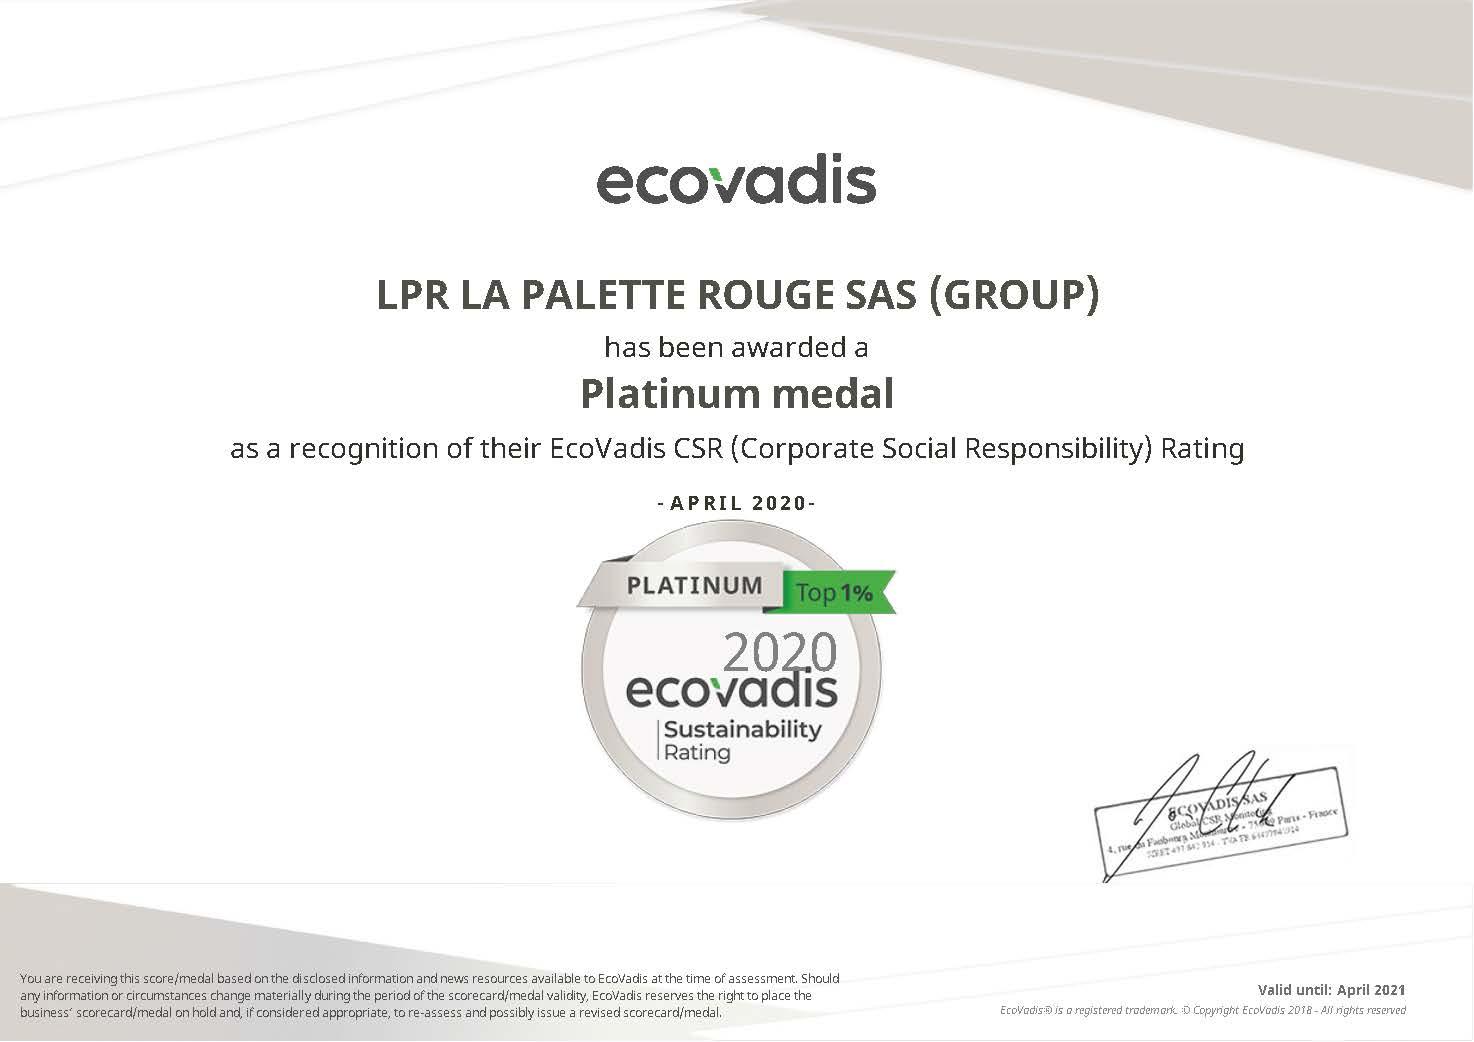 LPR Medalha de Platina nos prémios EcoVadis de Liderança em Sustentabilidade, Sector PMEs